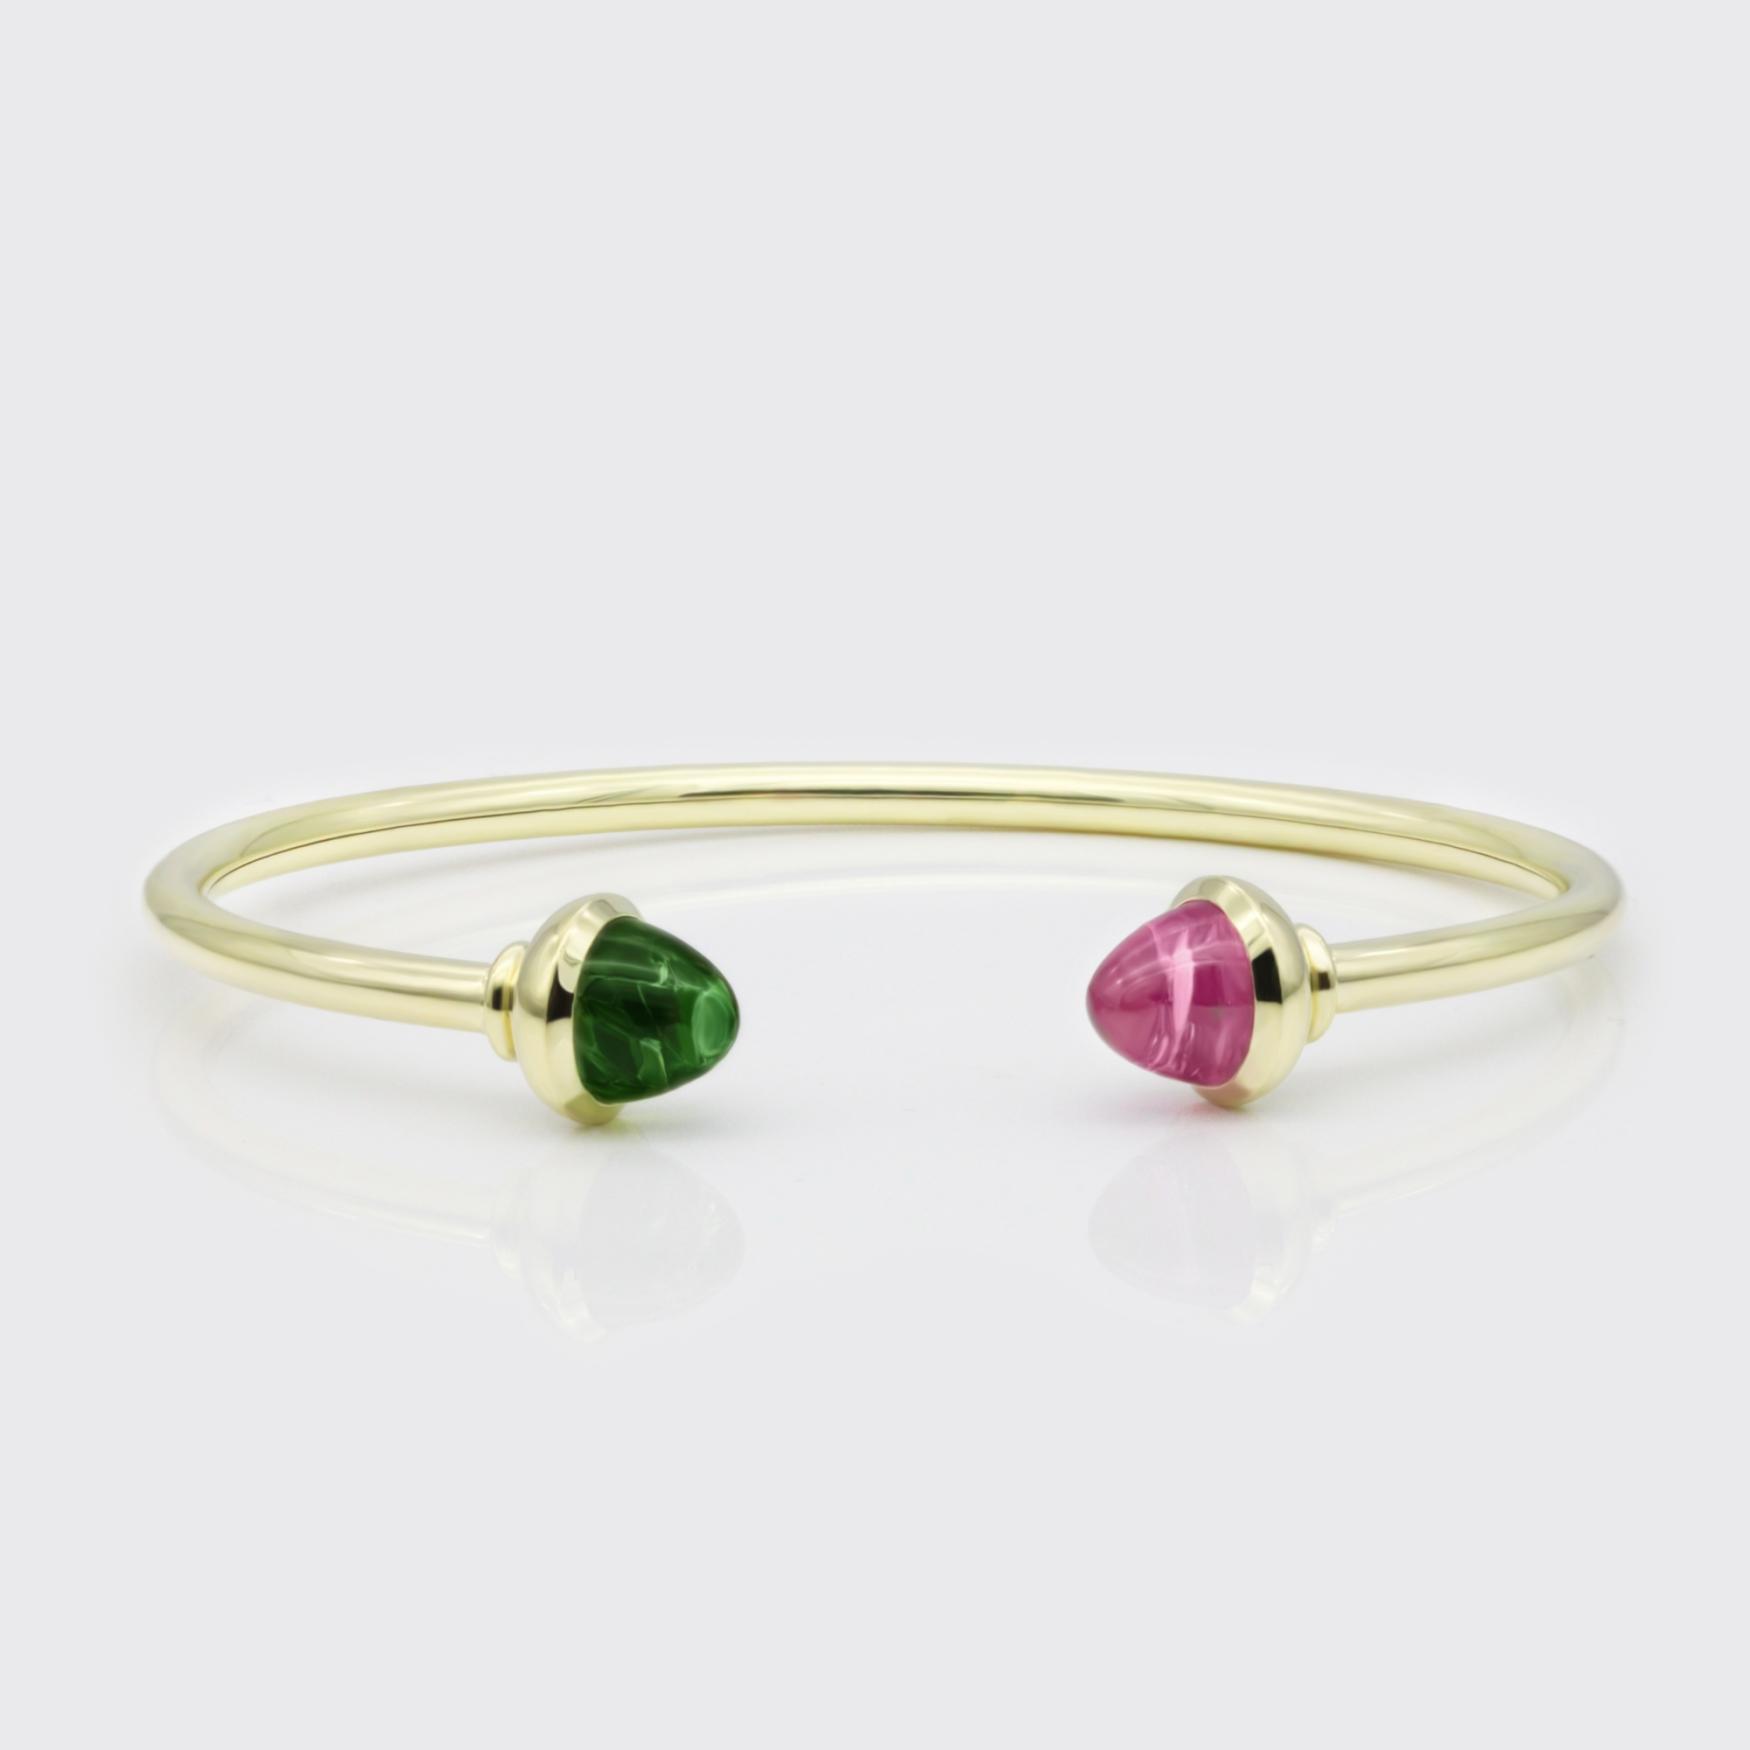 Armband - Weißgold, große Brillanten